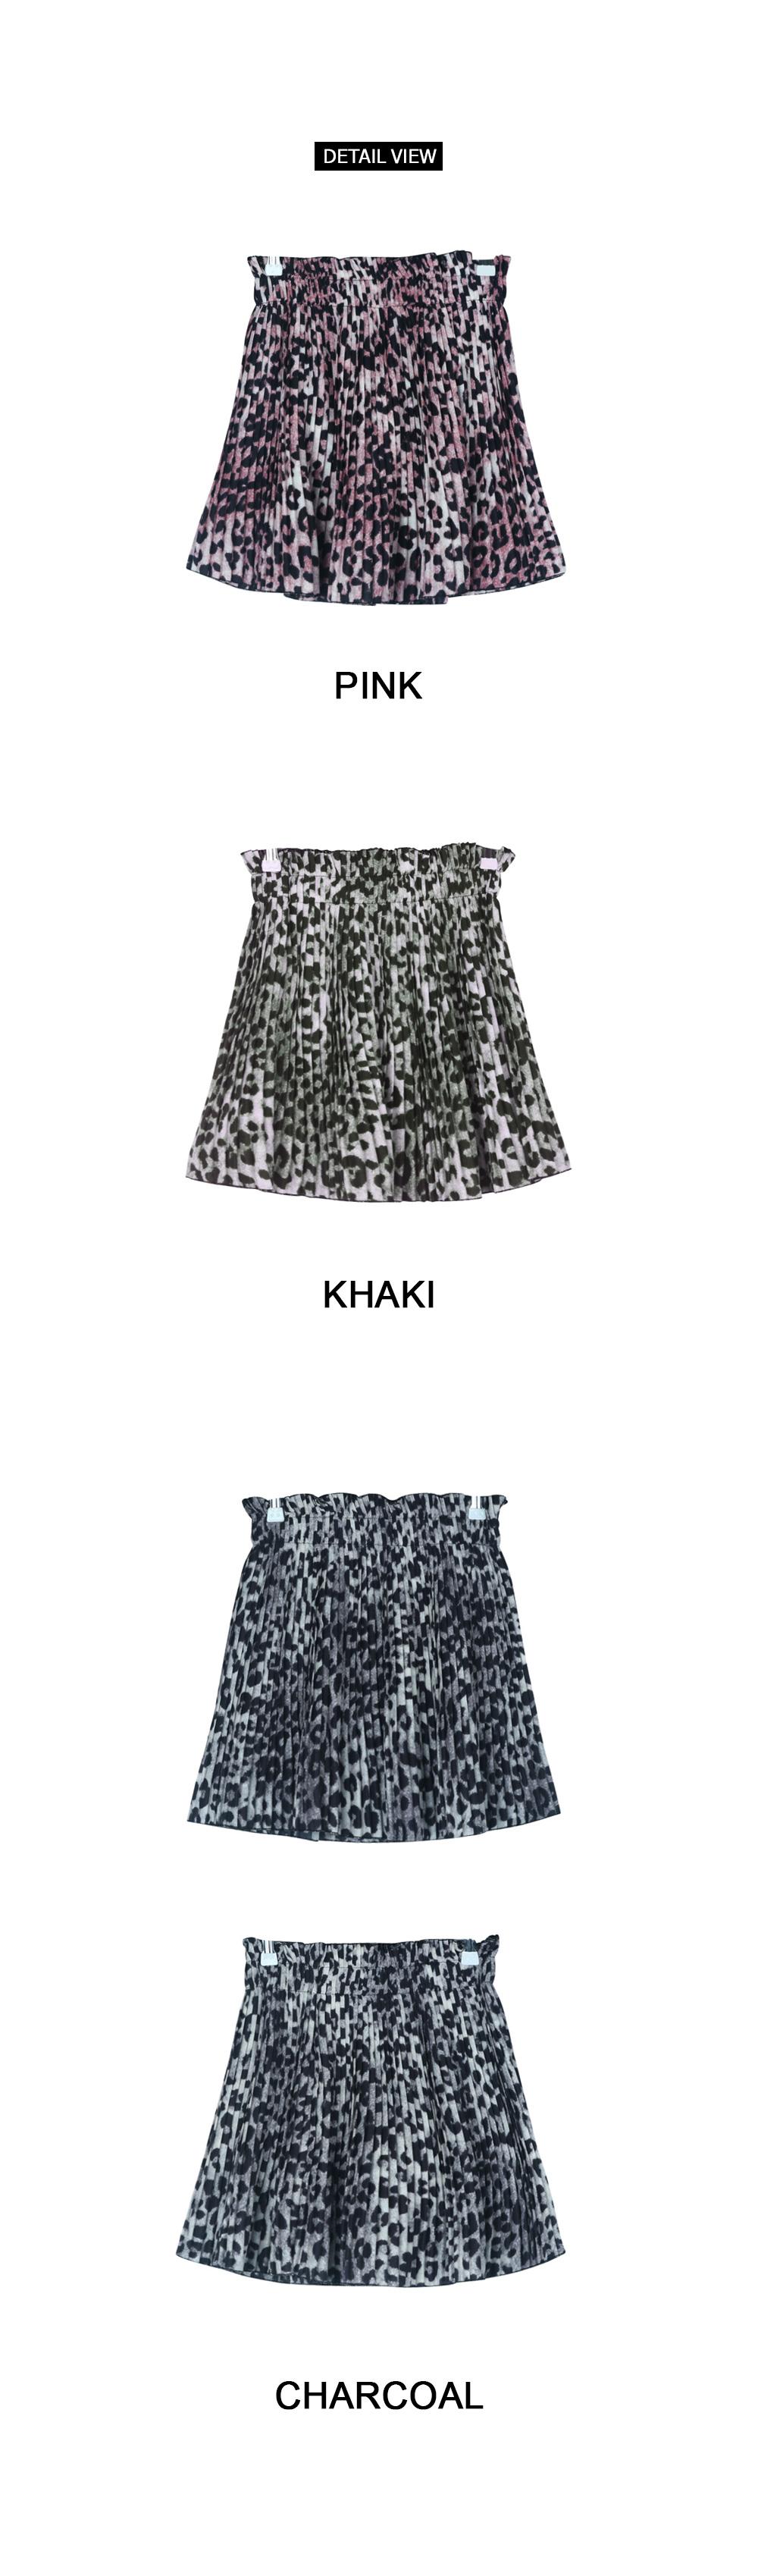 Hopi High Pleated Skirt